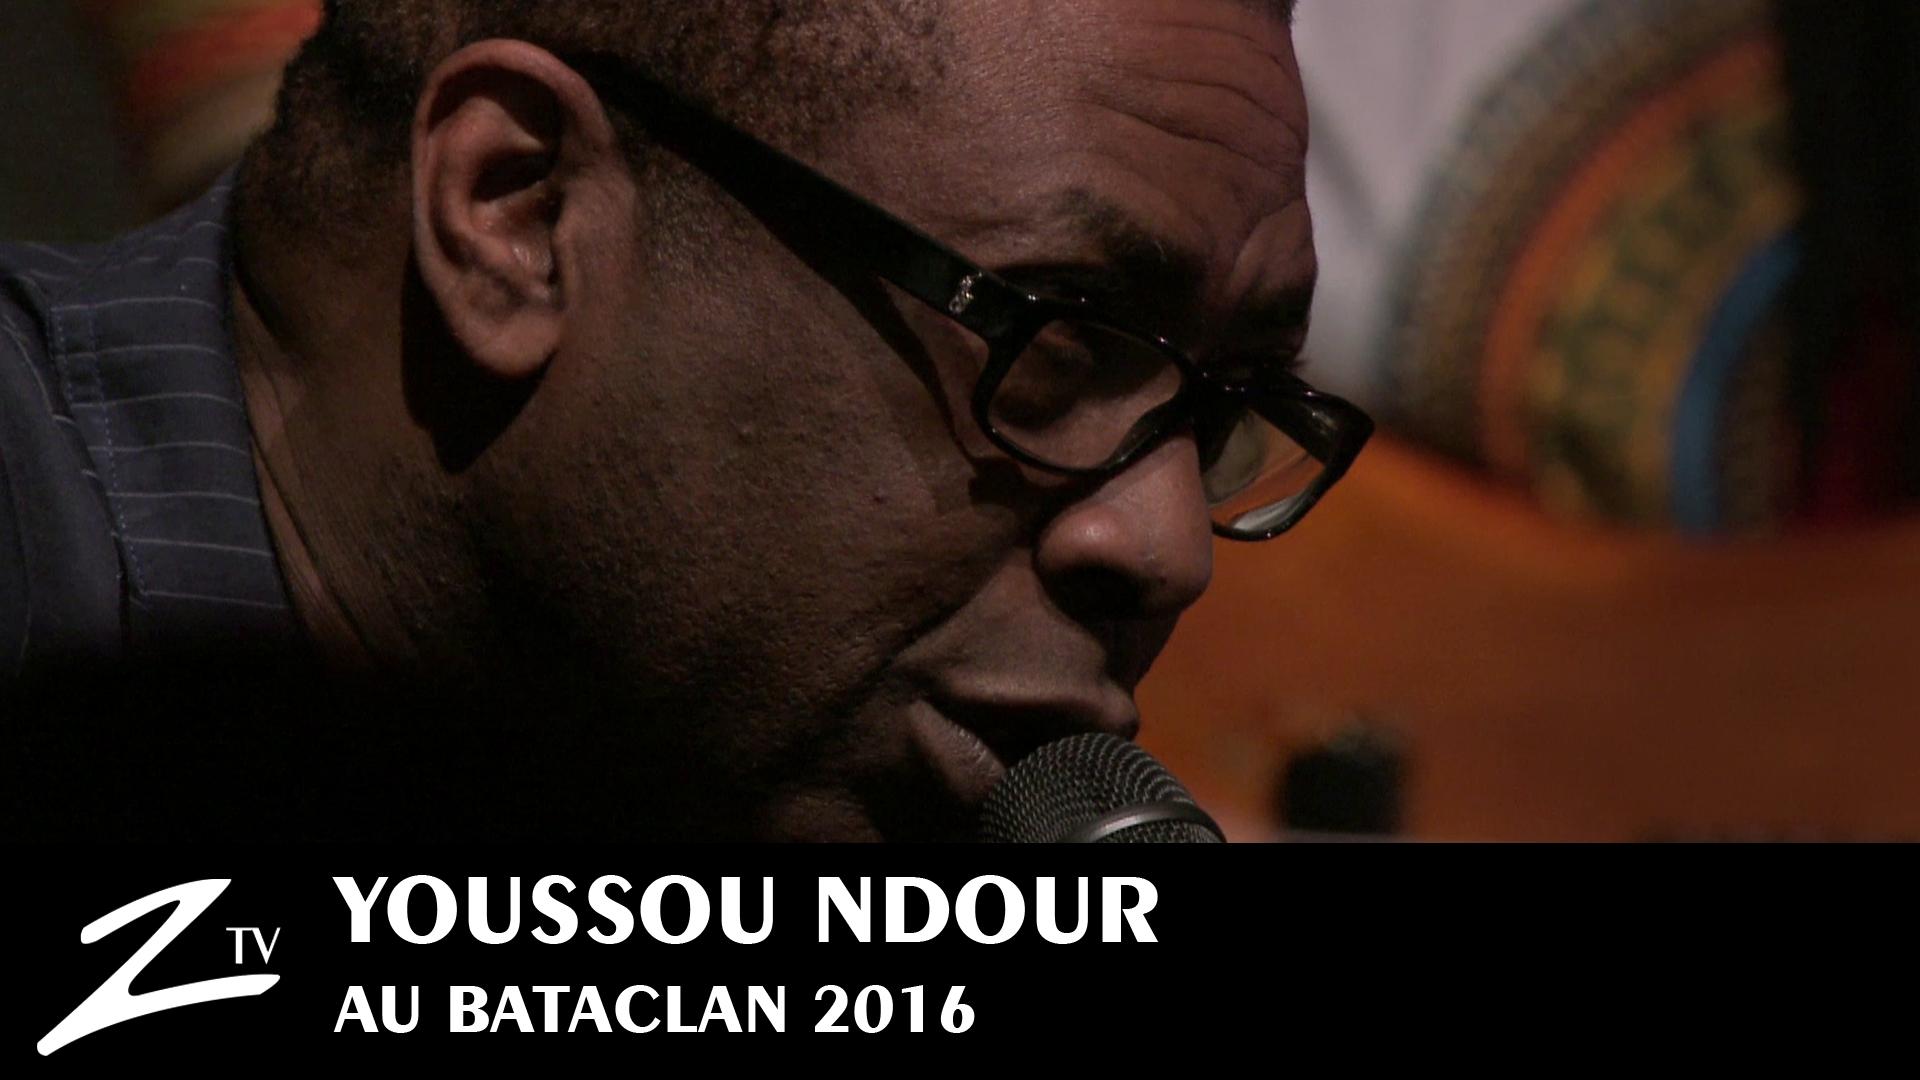 vyoutube-youssou-ndour-au-bataclan